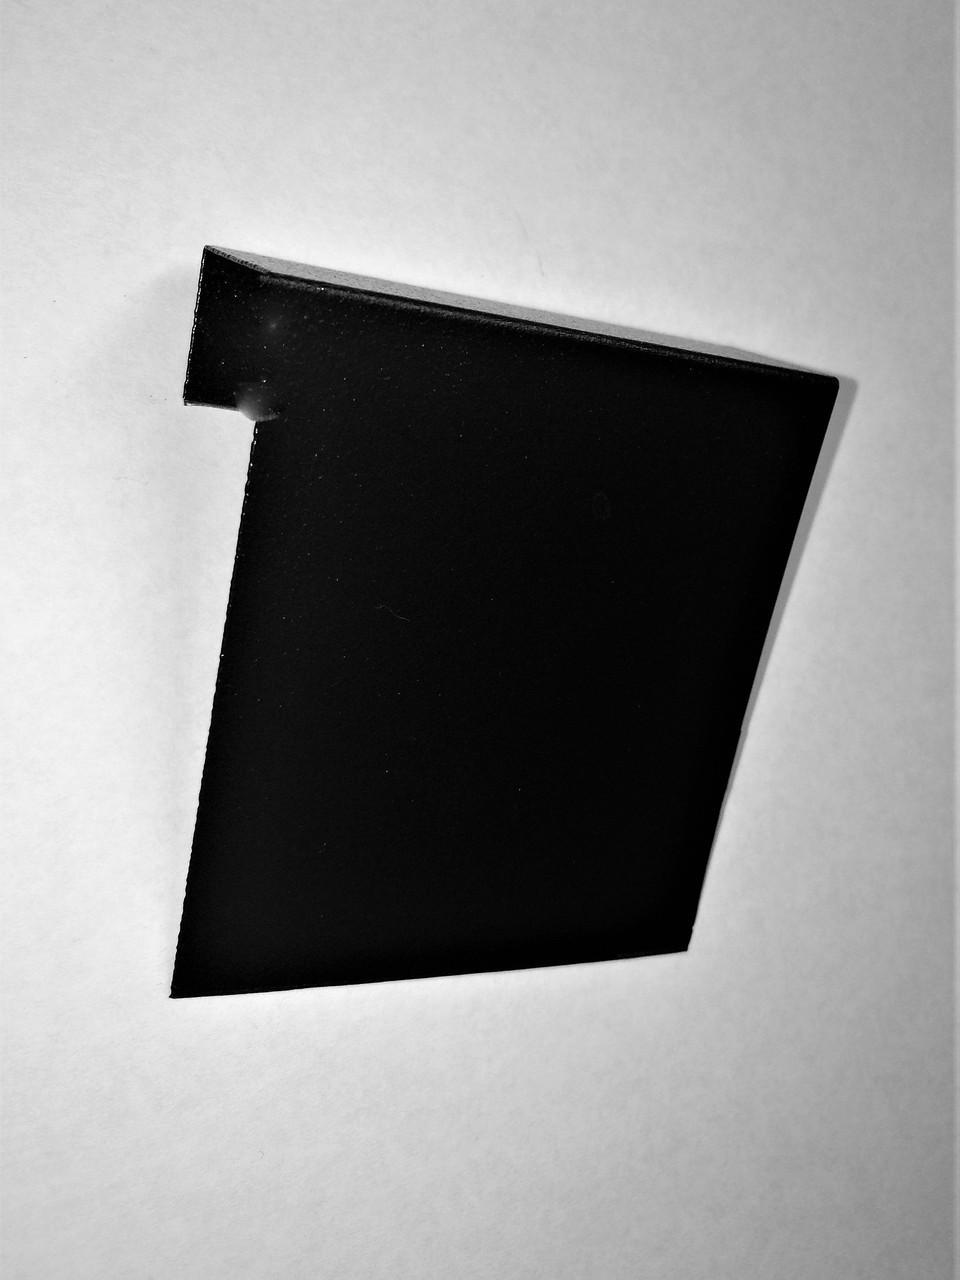 Меловой ценник 5х20 см П-образный на полку. Грифельная табличка на стеллаж. Для надписей мелом и маркером.